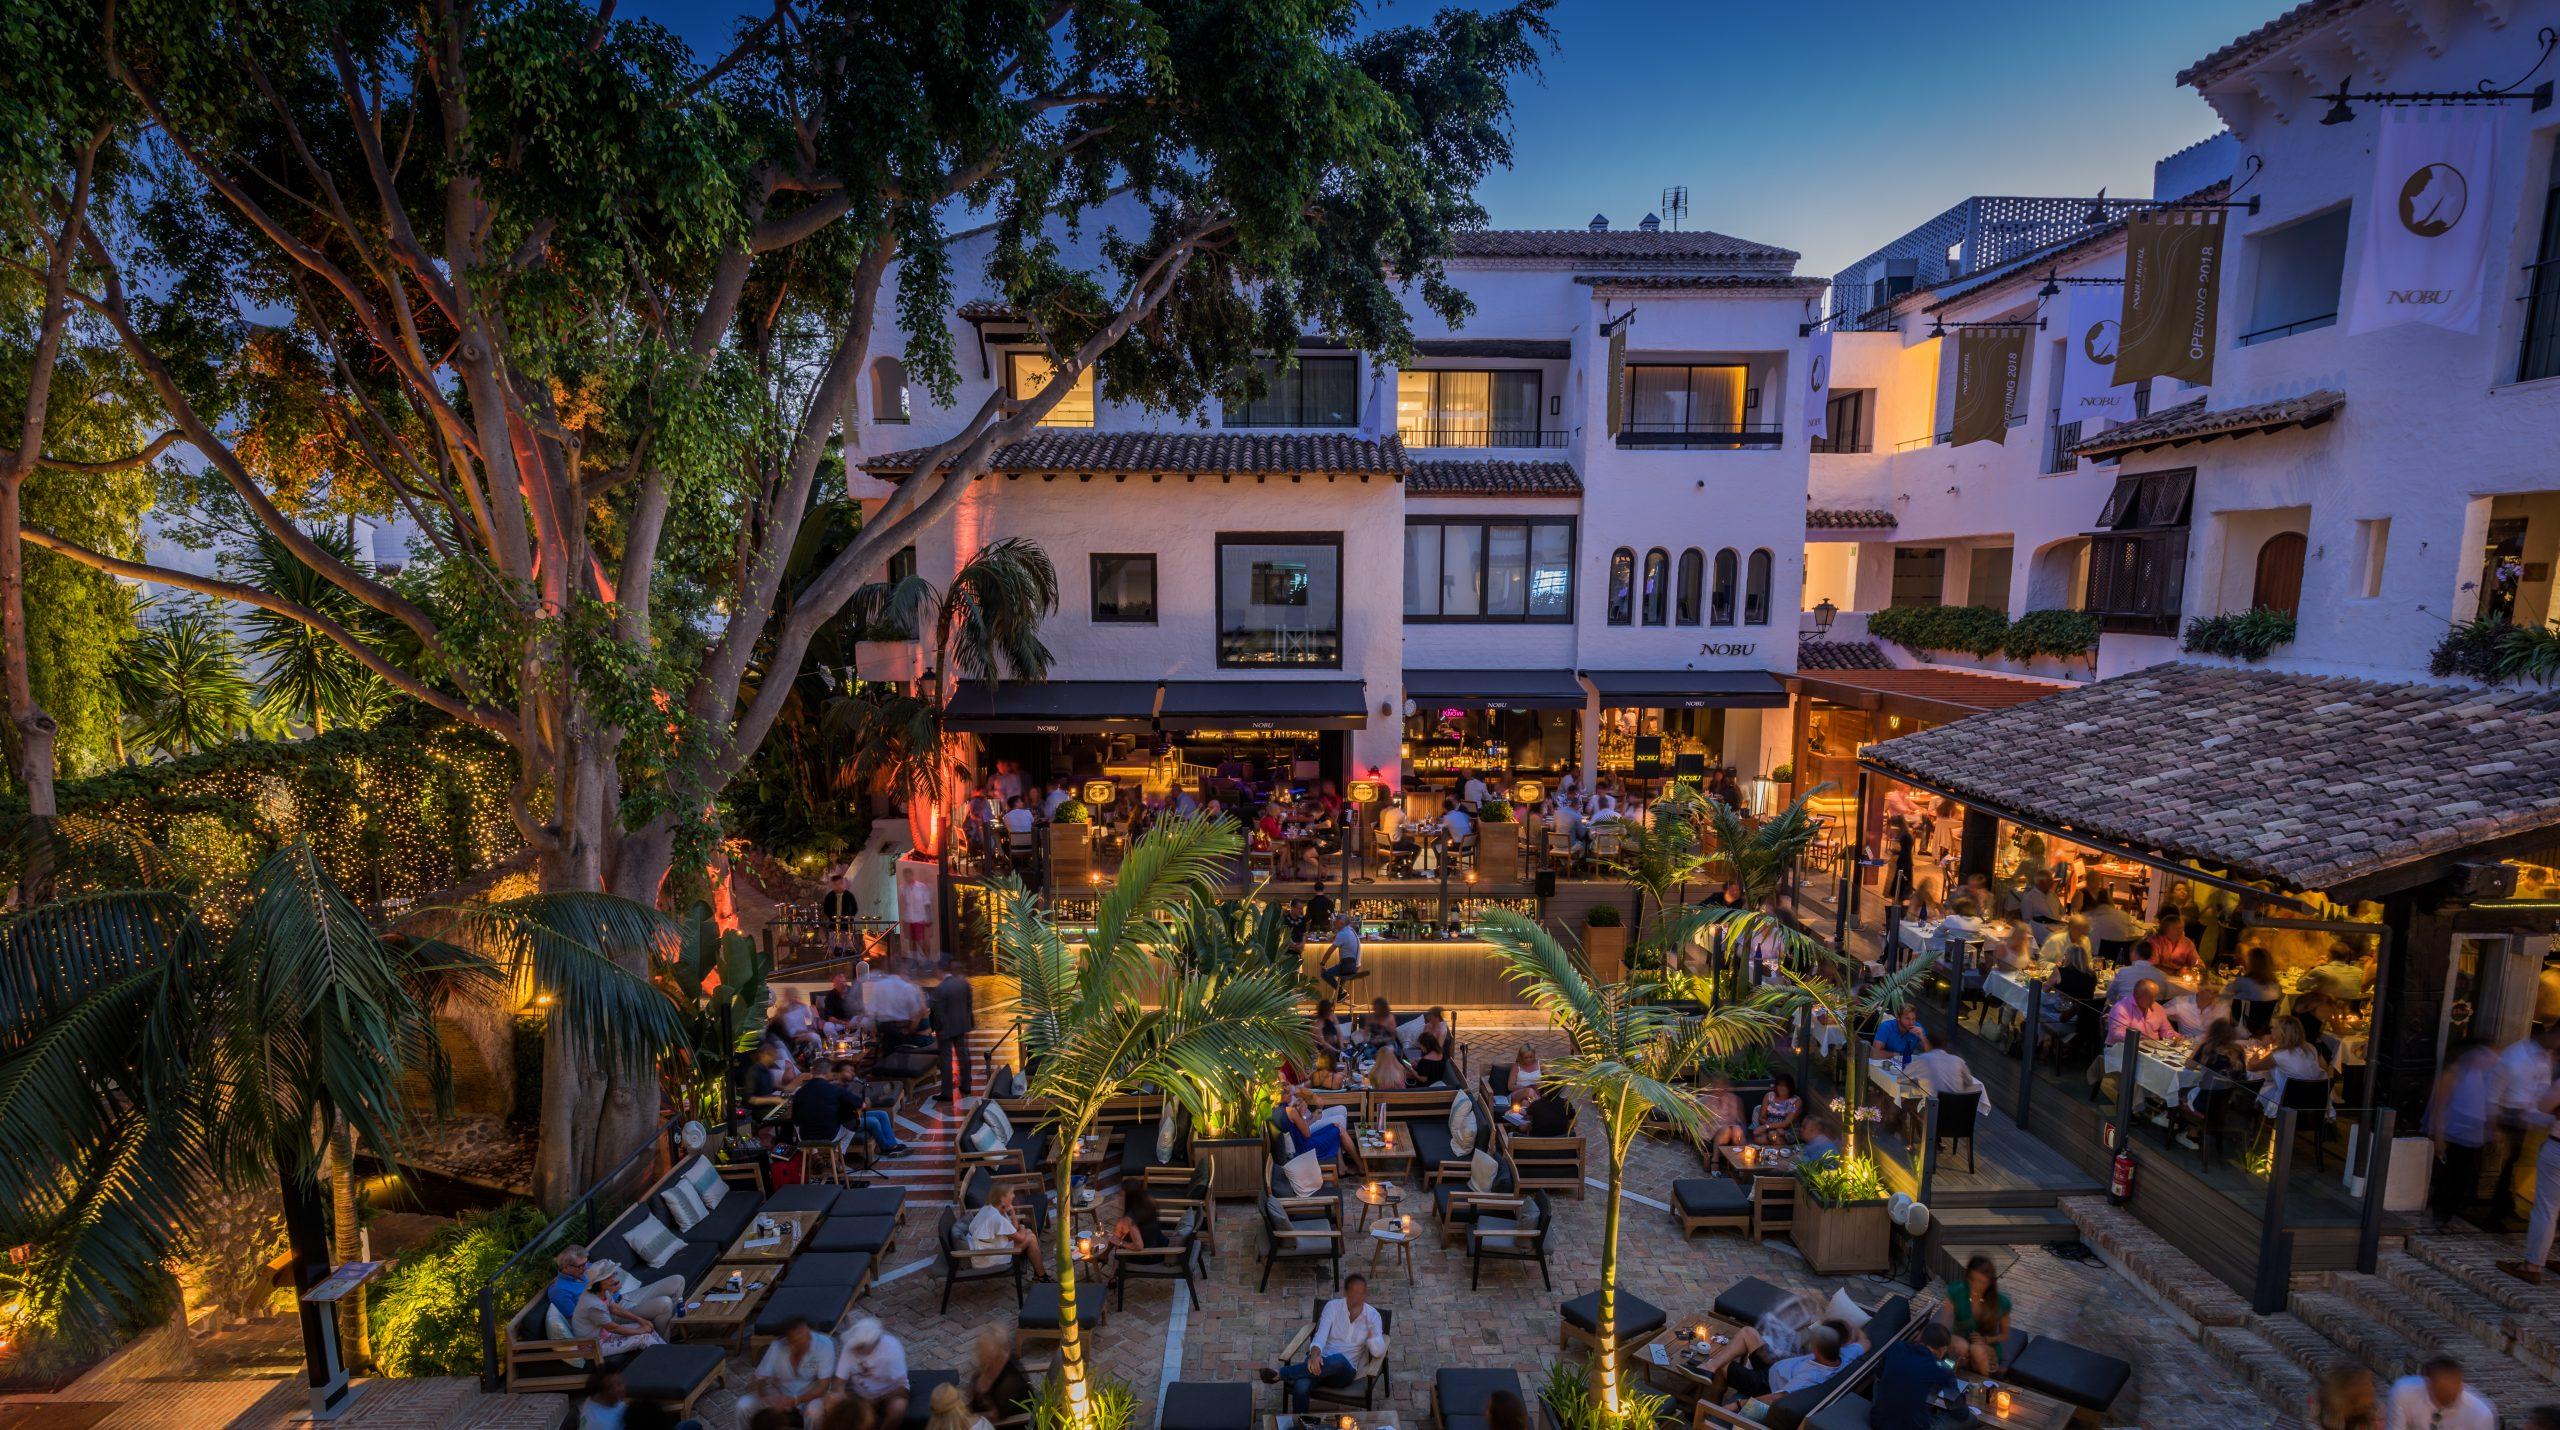 La_Plaza_Night_Puente_Romano_Marbella